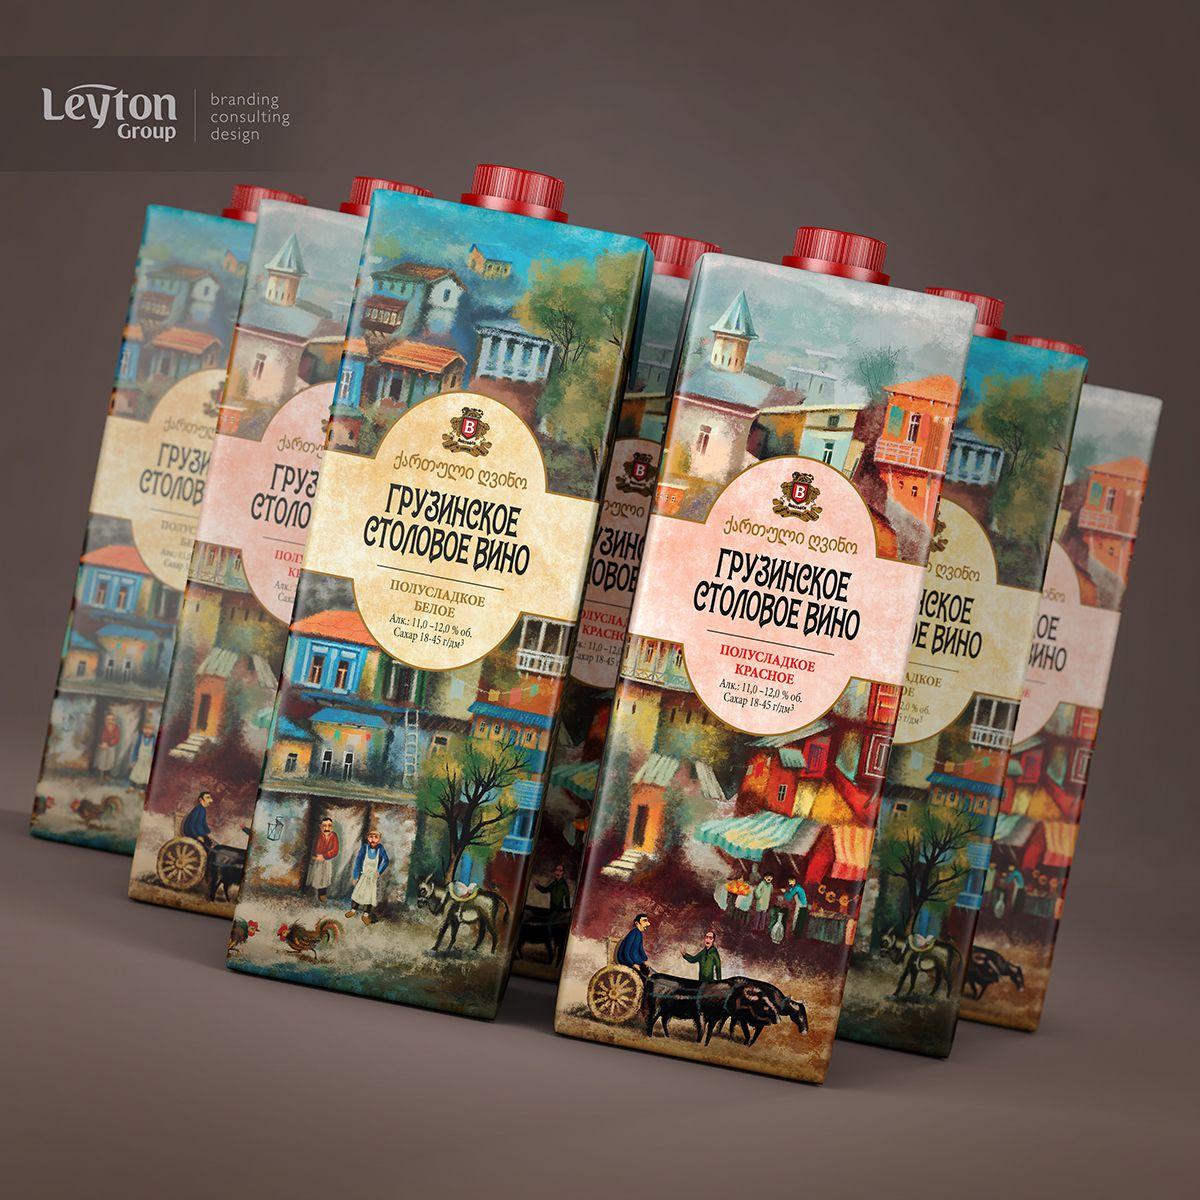 Bolero, грузинское вино – дизайн – Leyton Group